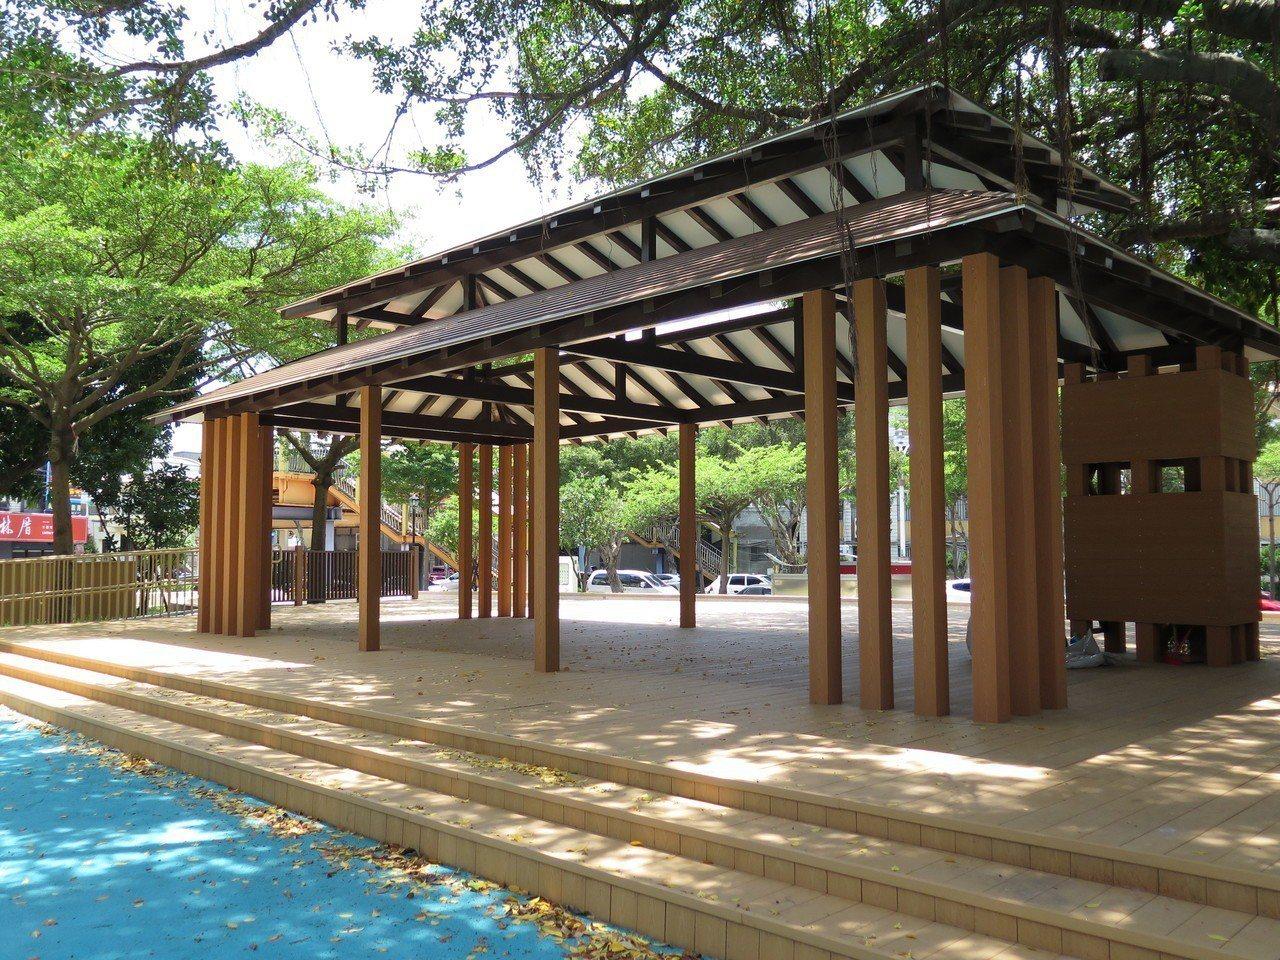 桃園區民族公園歷經多月翻新改建,公園內多了一座日式涼亭。記者張裕珍/攝影